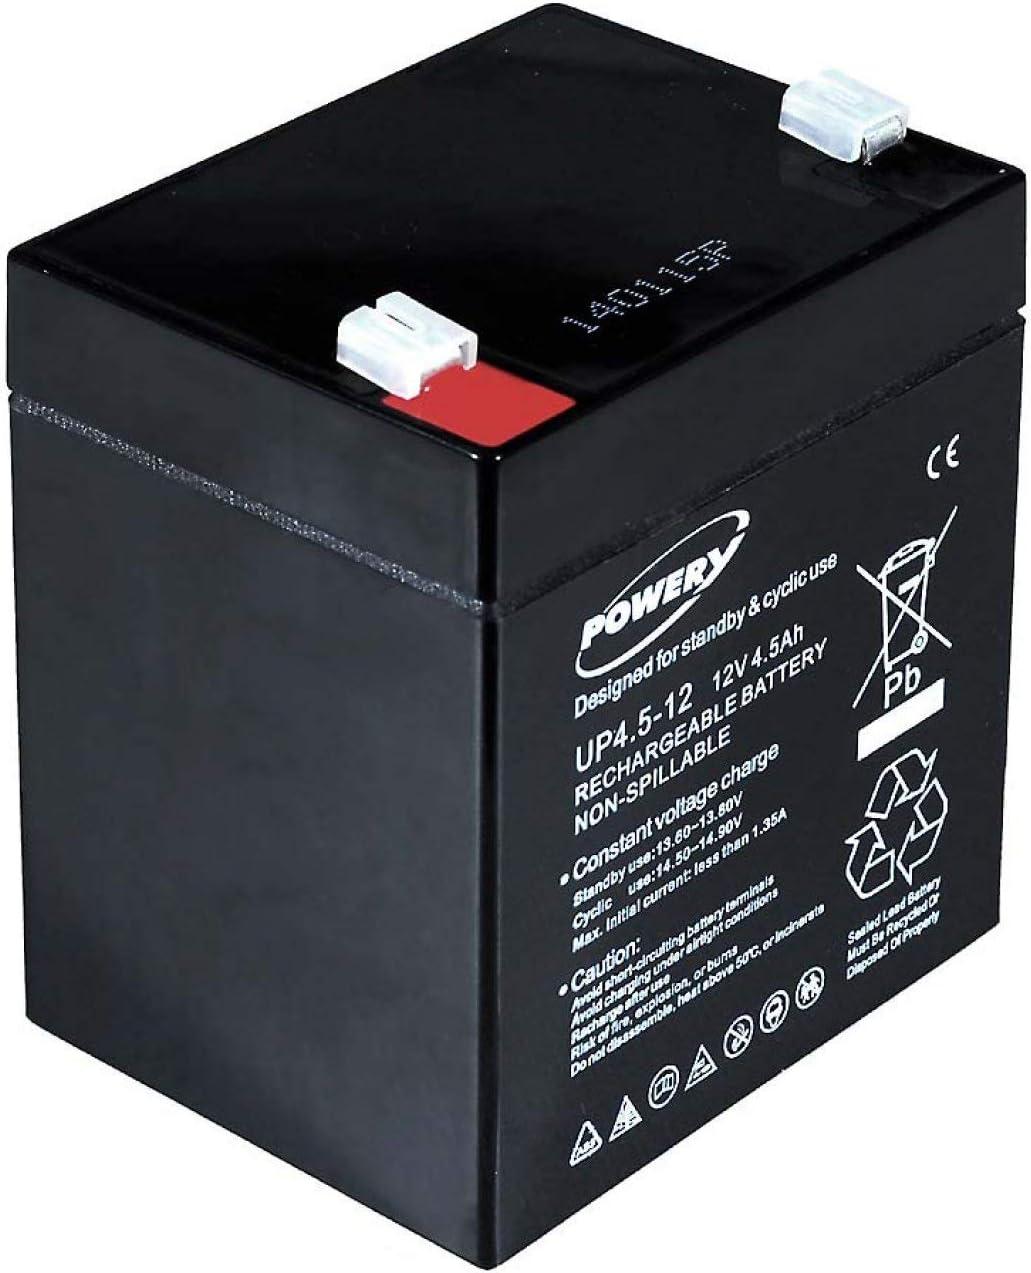 Powery Batería de GEL 12V 4,5Ah